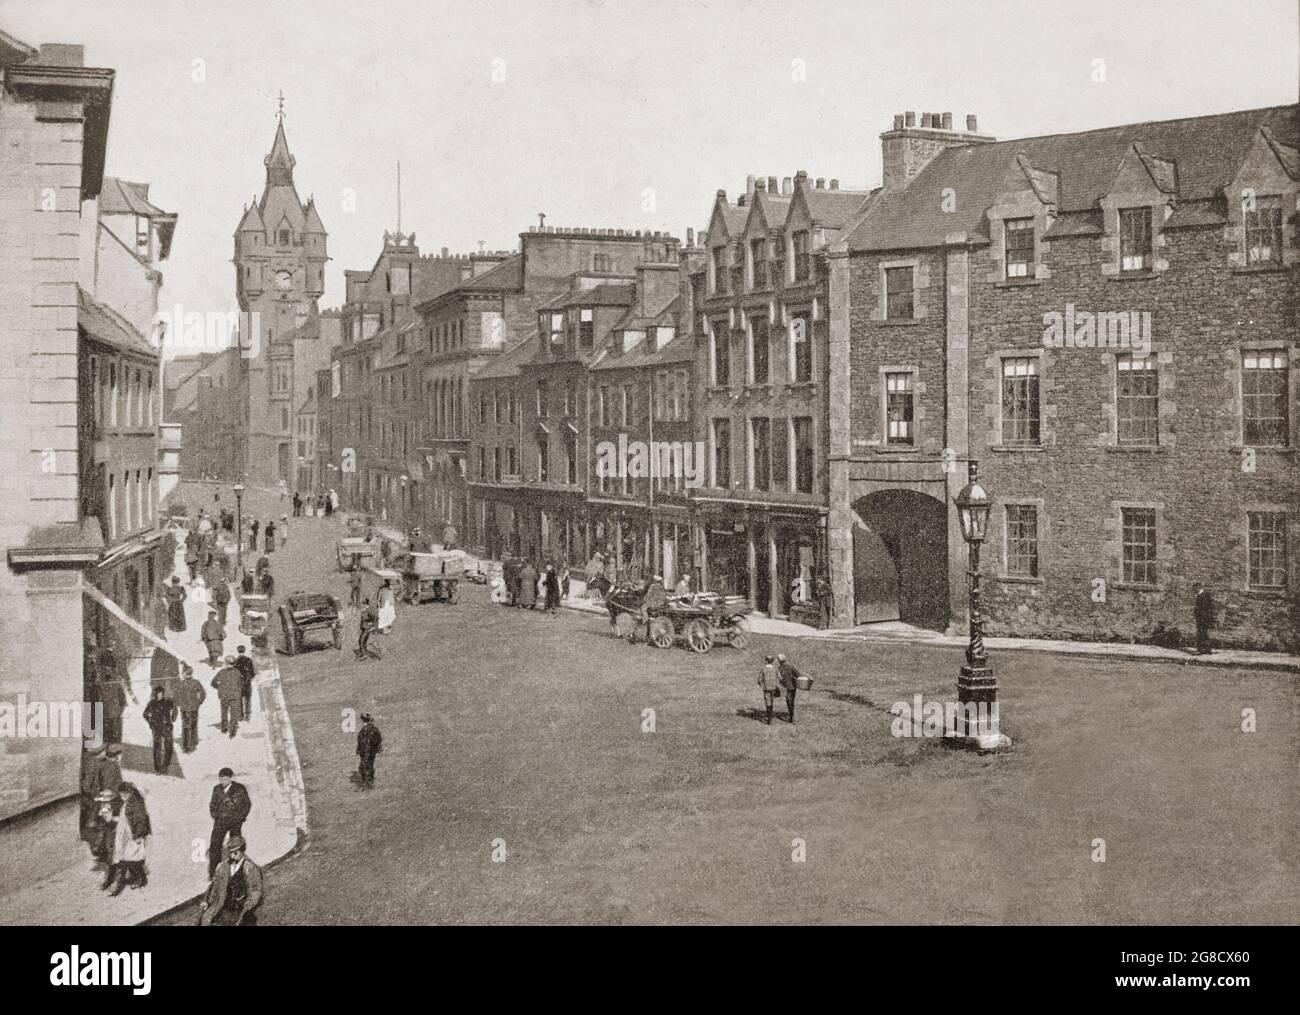 Vue de la fin du XIXe siècle sur High Street à Hawick, ville aux frontières écossaises et comté historique de Roxburghshire, dans l'est du sud des Uplands. L'hôtel de ville de style écossais-baronial de Hawick est visible au bout de la rue, ainsi que ses nombreux bâtiments en grès avec toits en ardoise. Banque D'Images